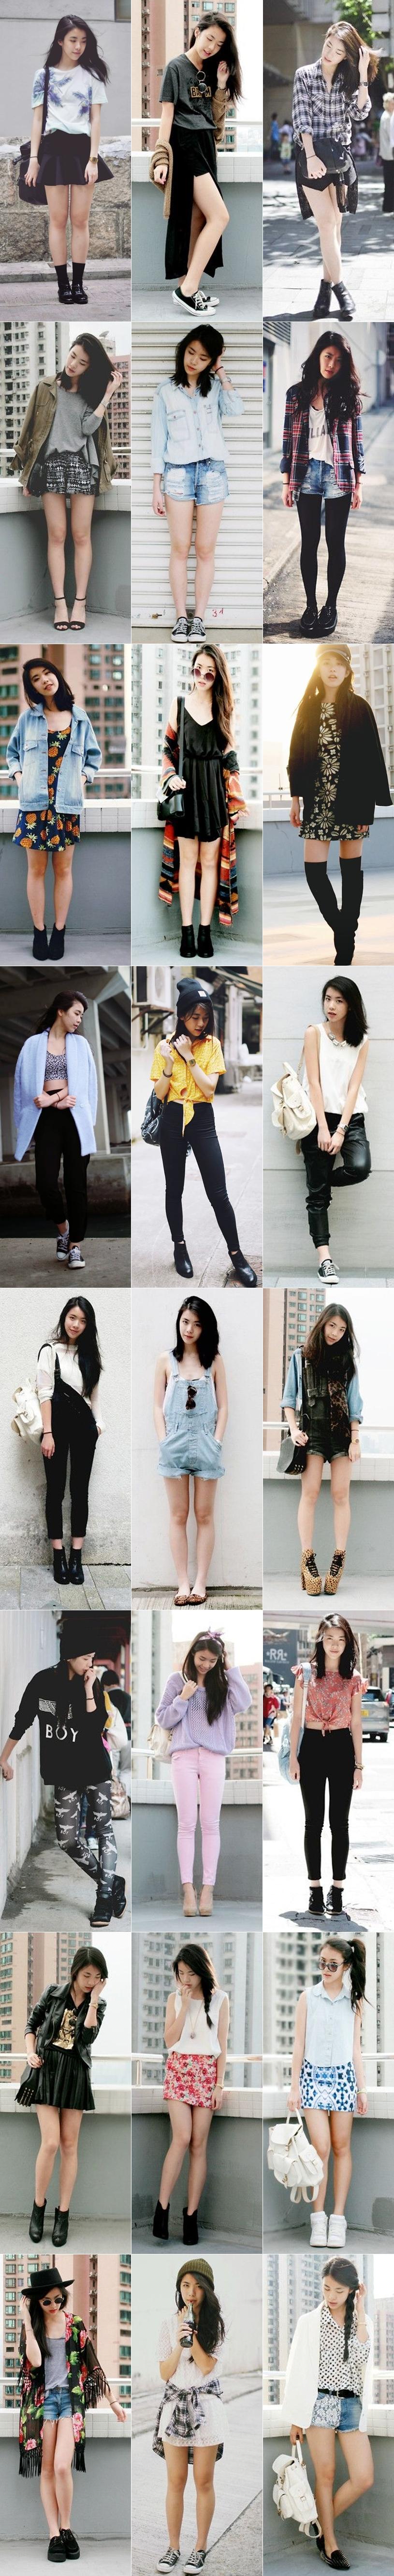 zoe-suenblog